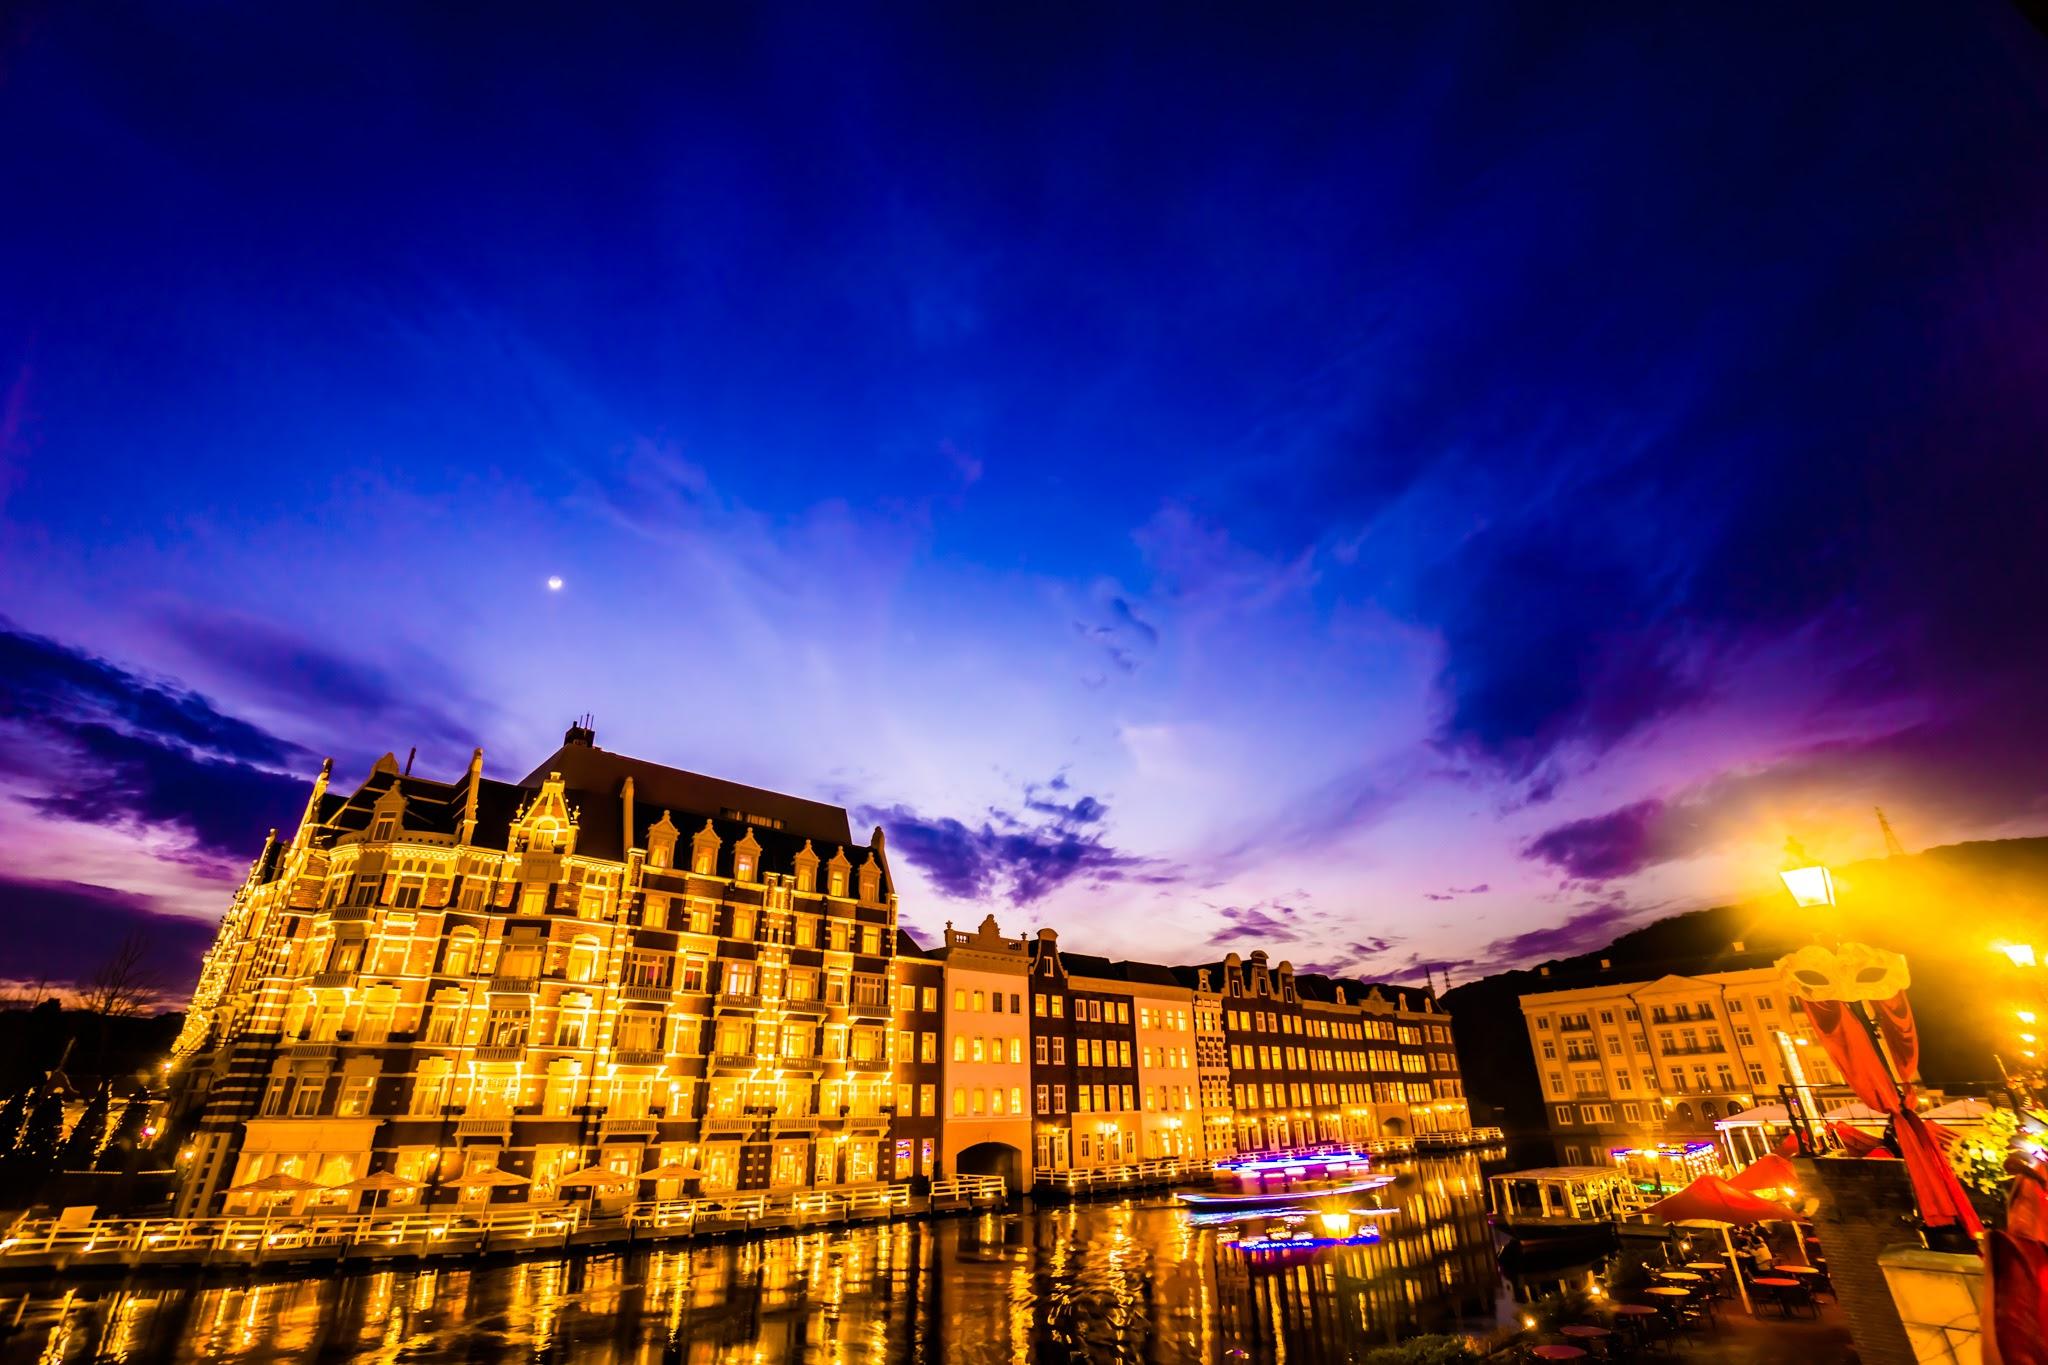 Huis Ten Bosch illumination Kingdom of light Hotel Europe1